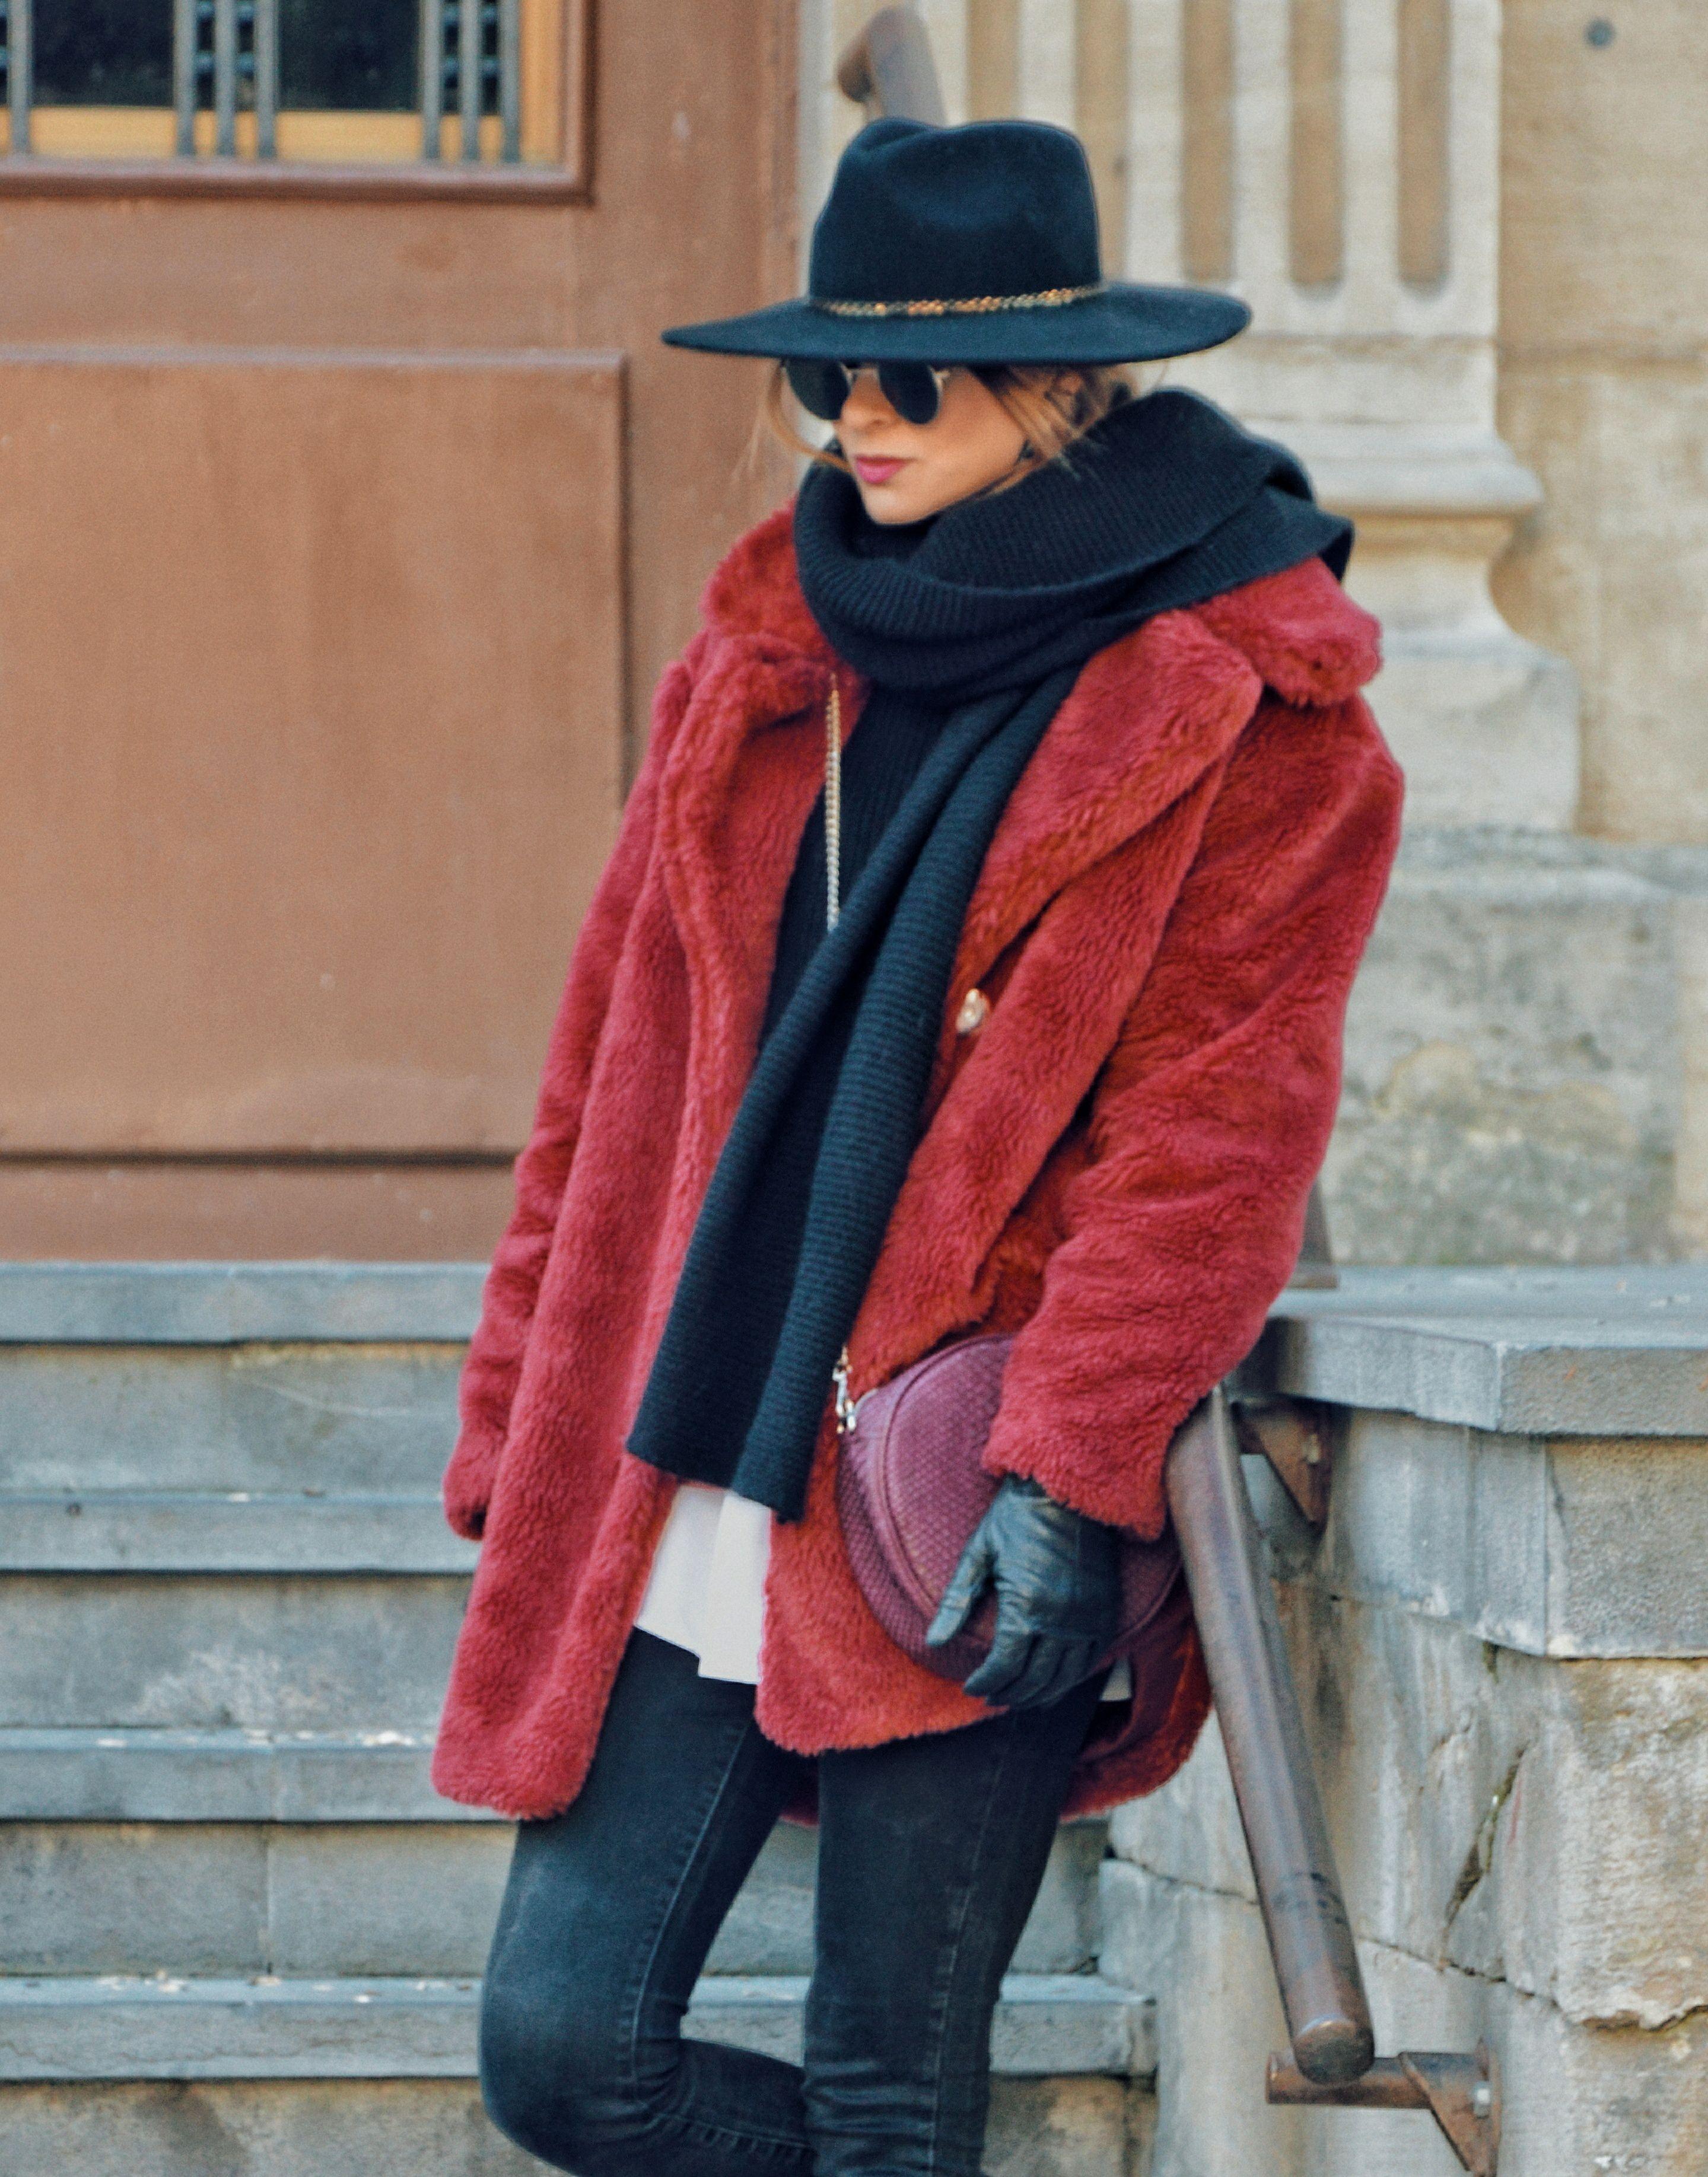 abrigopelo #look #invierno #abrigo #pelo #rojo #lookfortime